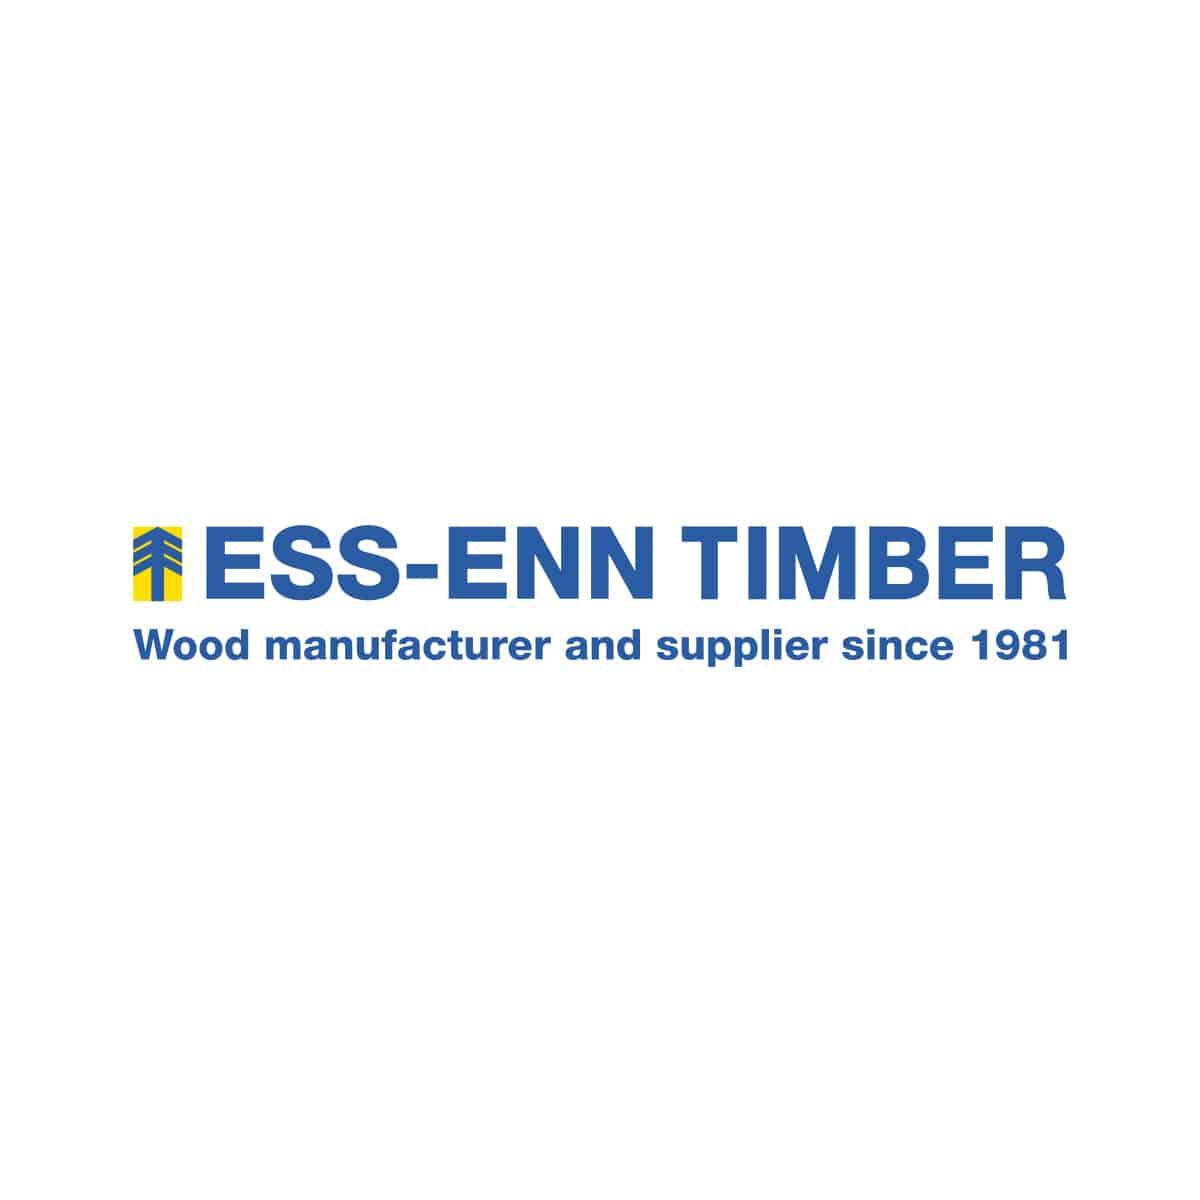 Ess-enn-timber